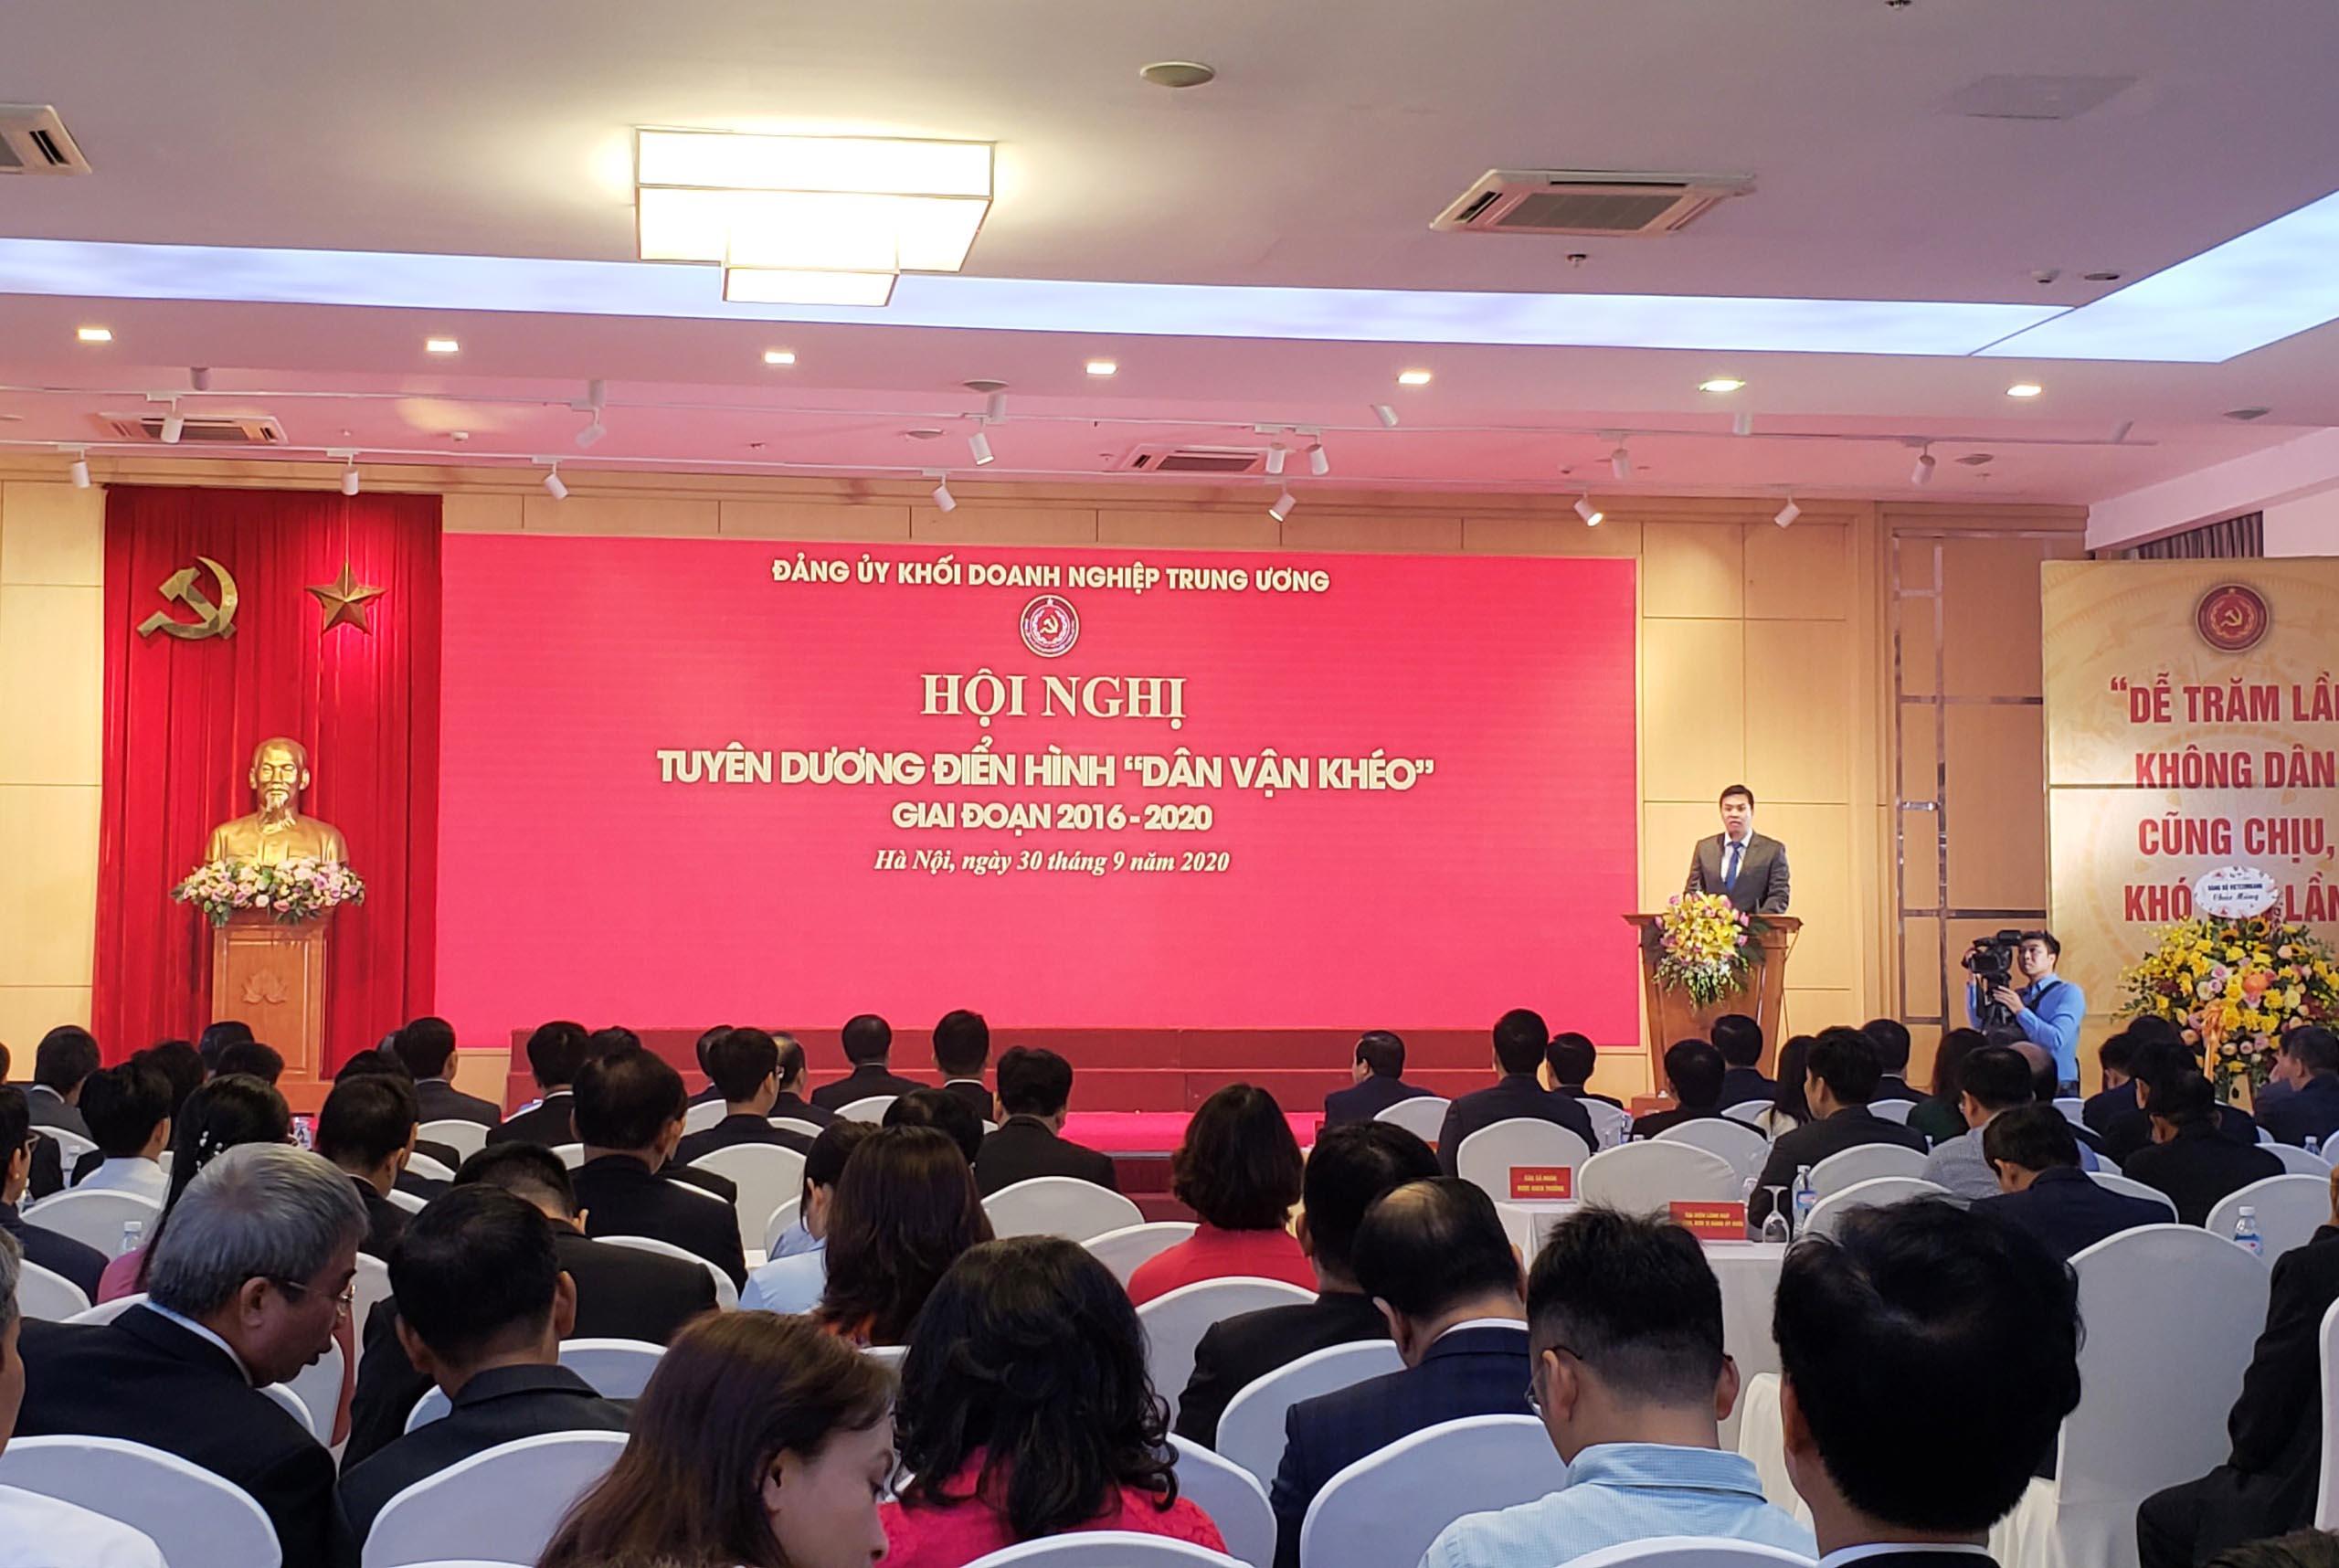 Đảng ủy Khối Doanh nghiệp Trung ương tuyên dương các điển hình 'Dân vận khéo'